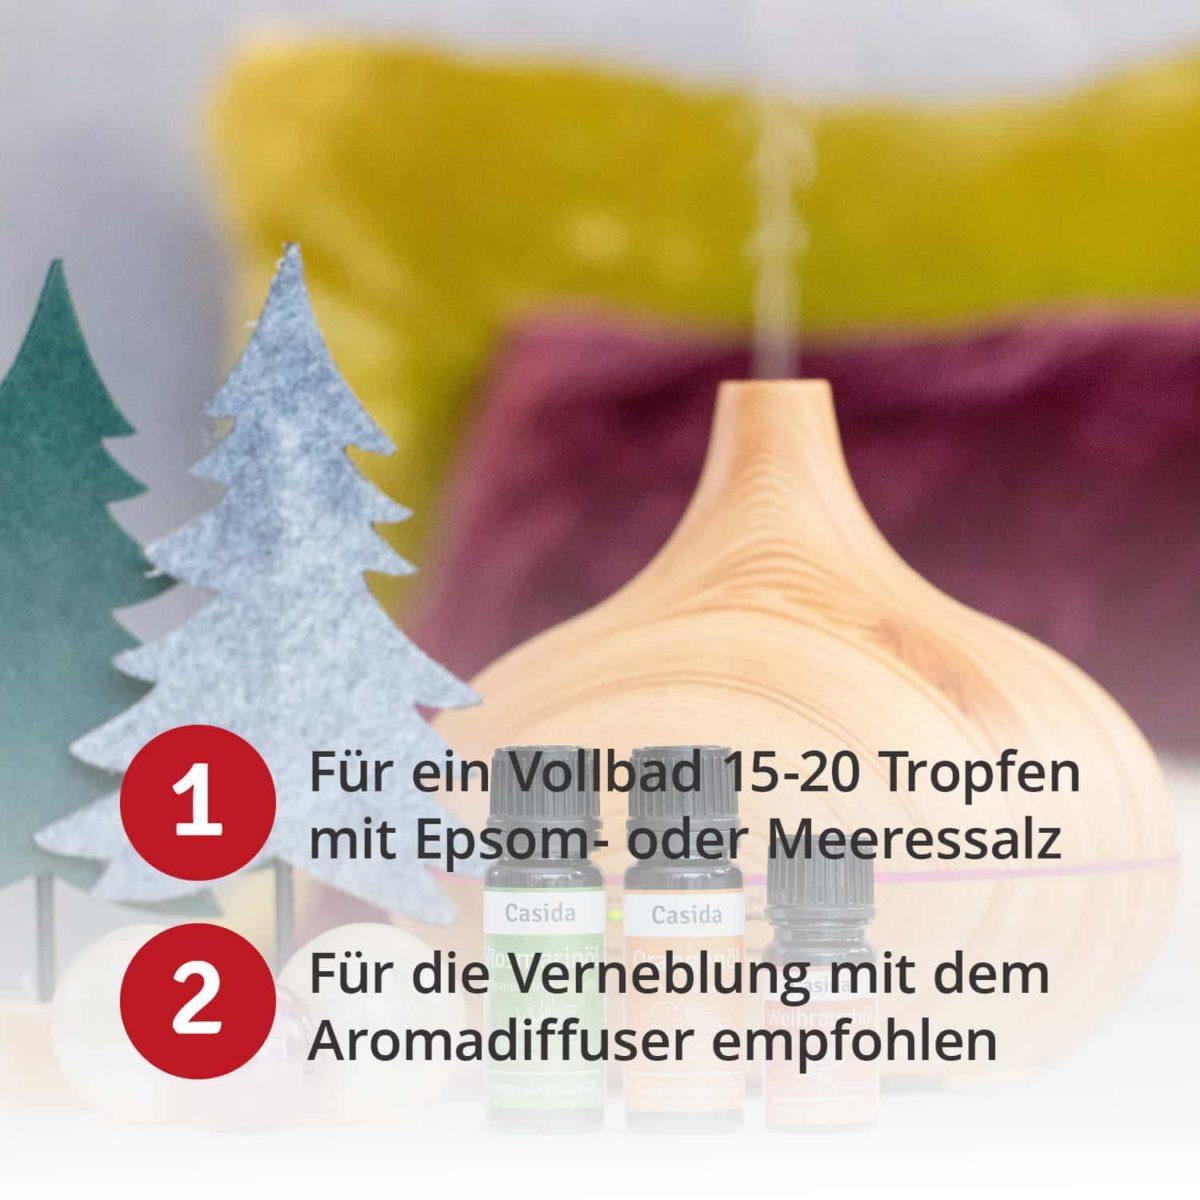 Casida Weihnachtsduft Frohes Fest - 10 ml 16852194 Ätherisches öl naturrein Orange Fichte Zimt Weihnachtsland6